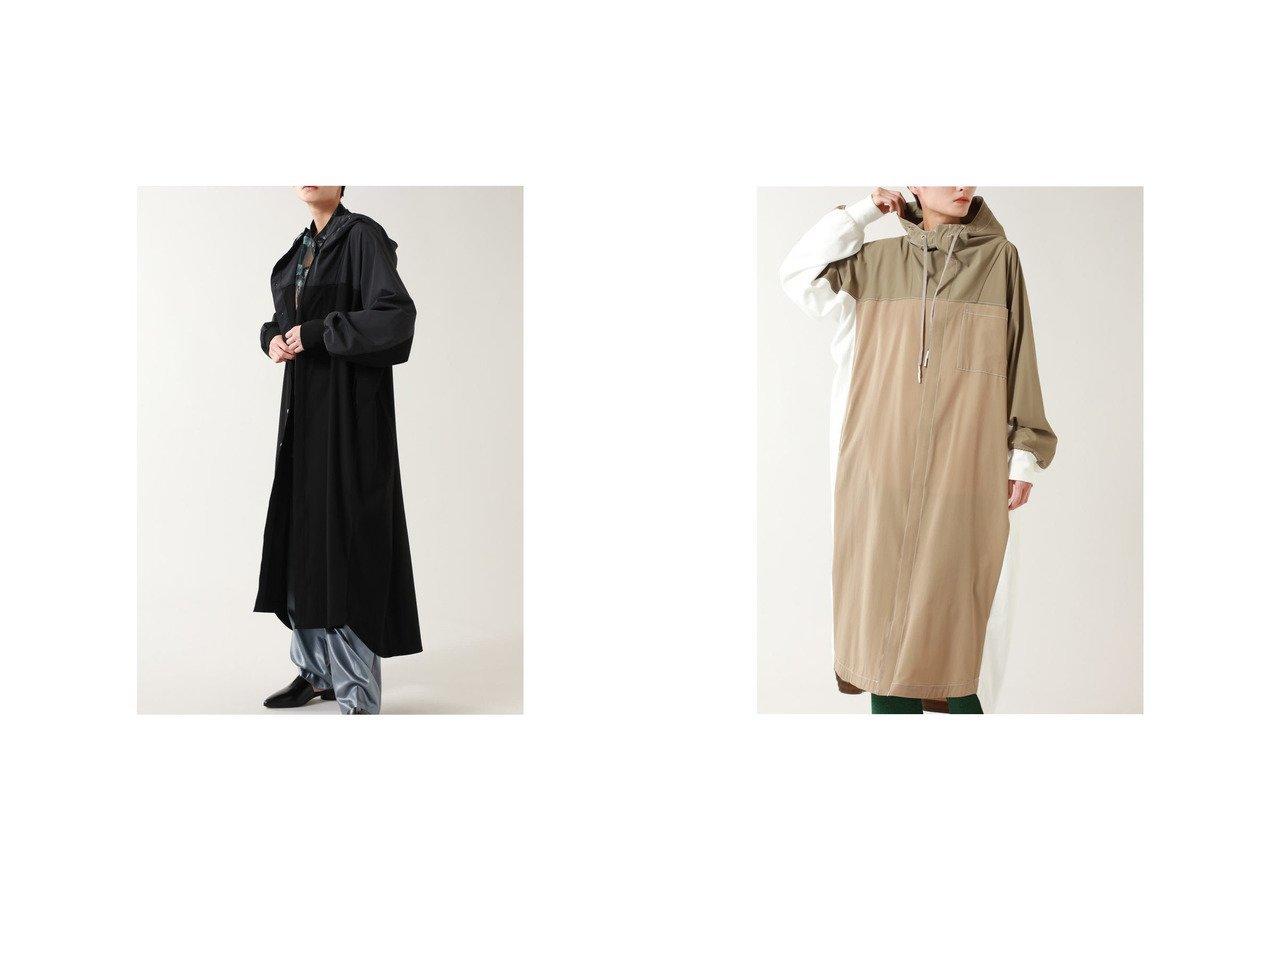 【ROSE BUD/ローズバッド】のアノラックデザインワンピース 【ワンピース・ドレス】おすすめ!人気、トレンド・レディースファッションの通販 おすすめで人気の流行・トレンド、ファッションの通販商品 インテリア・家具・メンズファッション・キッズファッション・レディースファッション・服の通販 founy(ファニー) https://founy.com/ ファッション Fashion レディースファッション WOMEN ワンピース Dress 2021年 2021 2021春夏・S/S SS/Spring/Summer/2021 S/S・春夏 SS・Spring/Summer おすすめ Recommend スタンダード ストレッチ タフタ ロング 春 Spring  ID:crp329100000041750